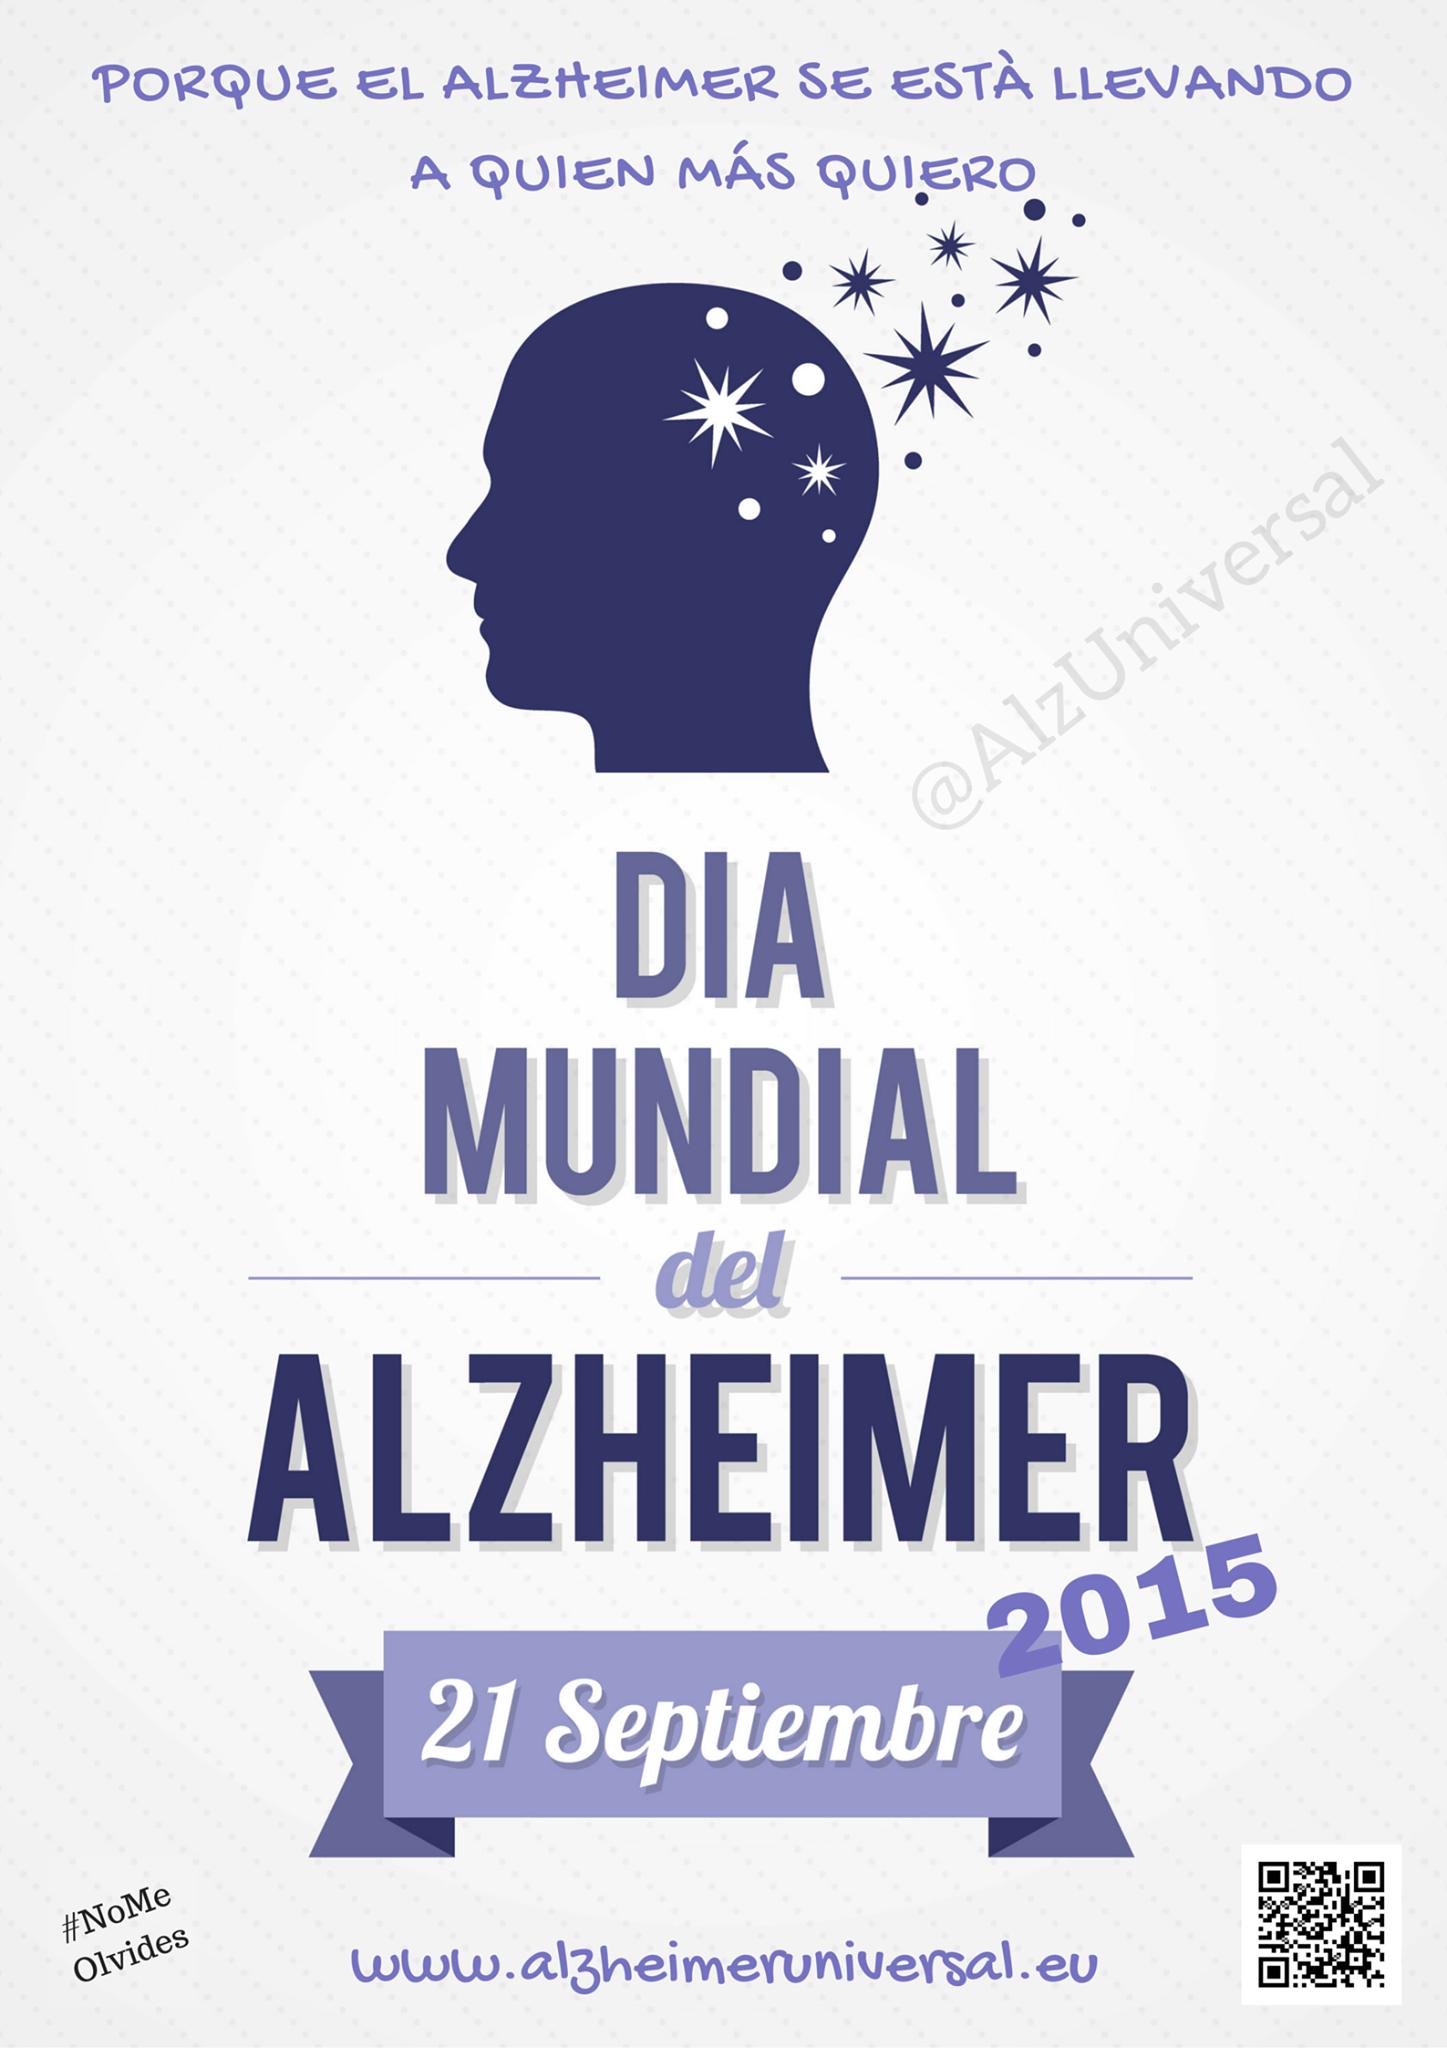 Porque el Alzheimer se está llevando a quien más quiero. Día Mundial del Alzheimer. 21 de septiembre.